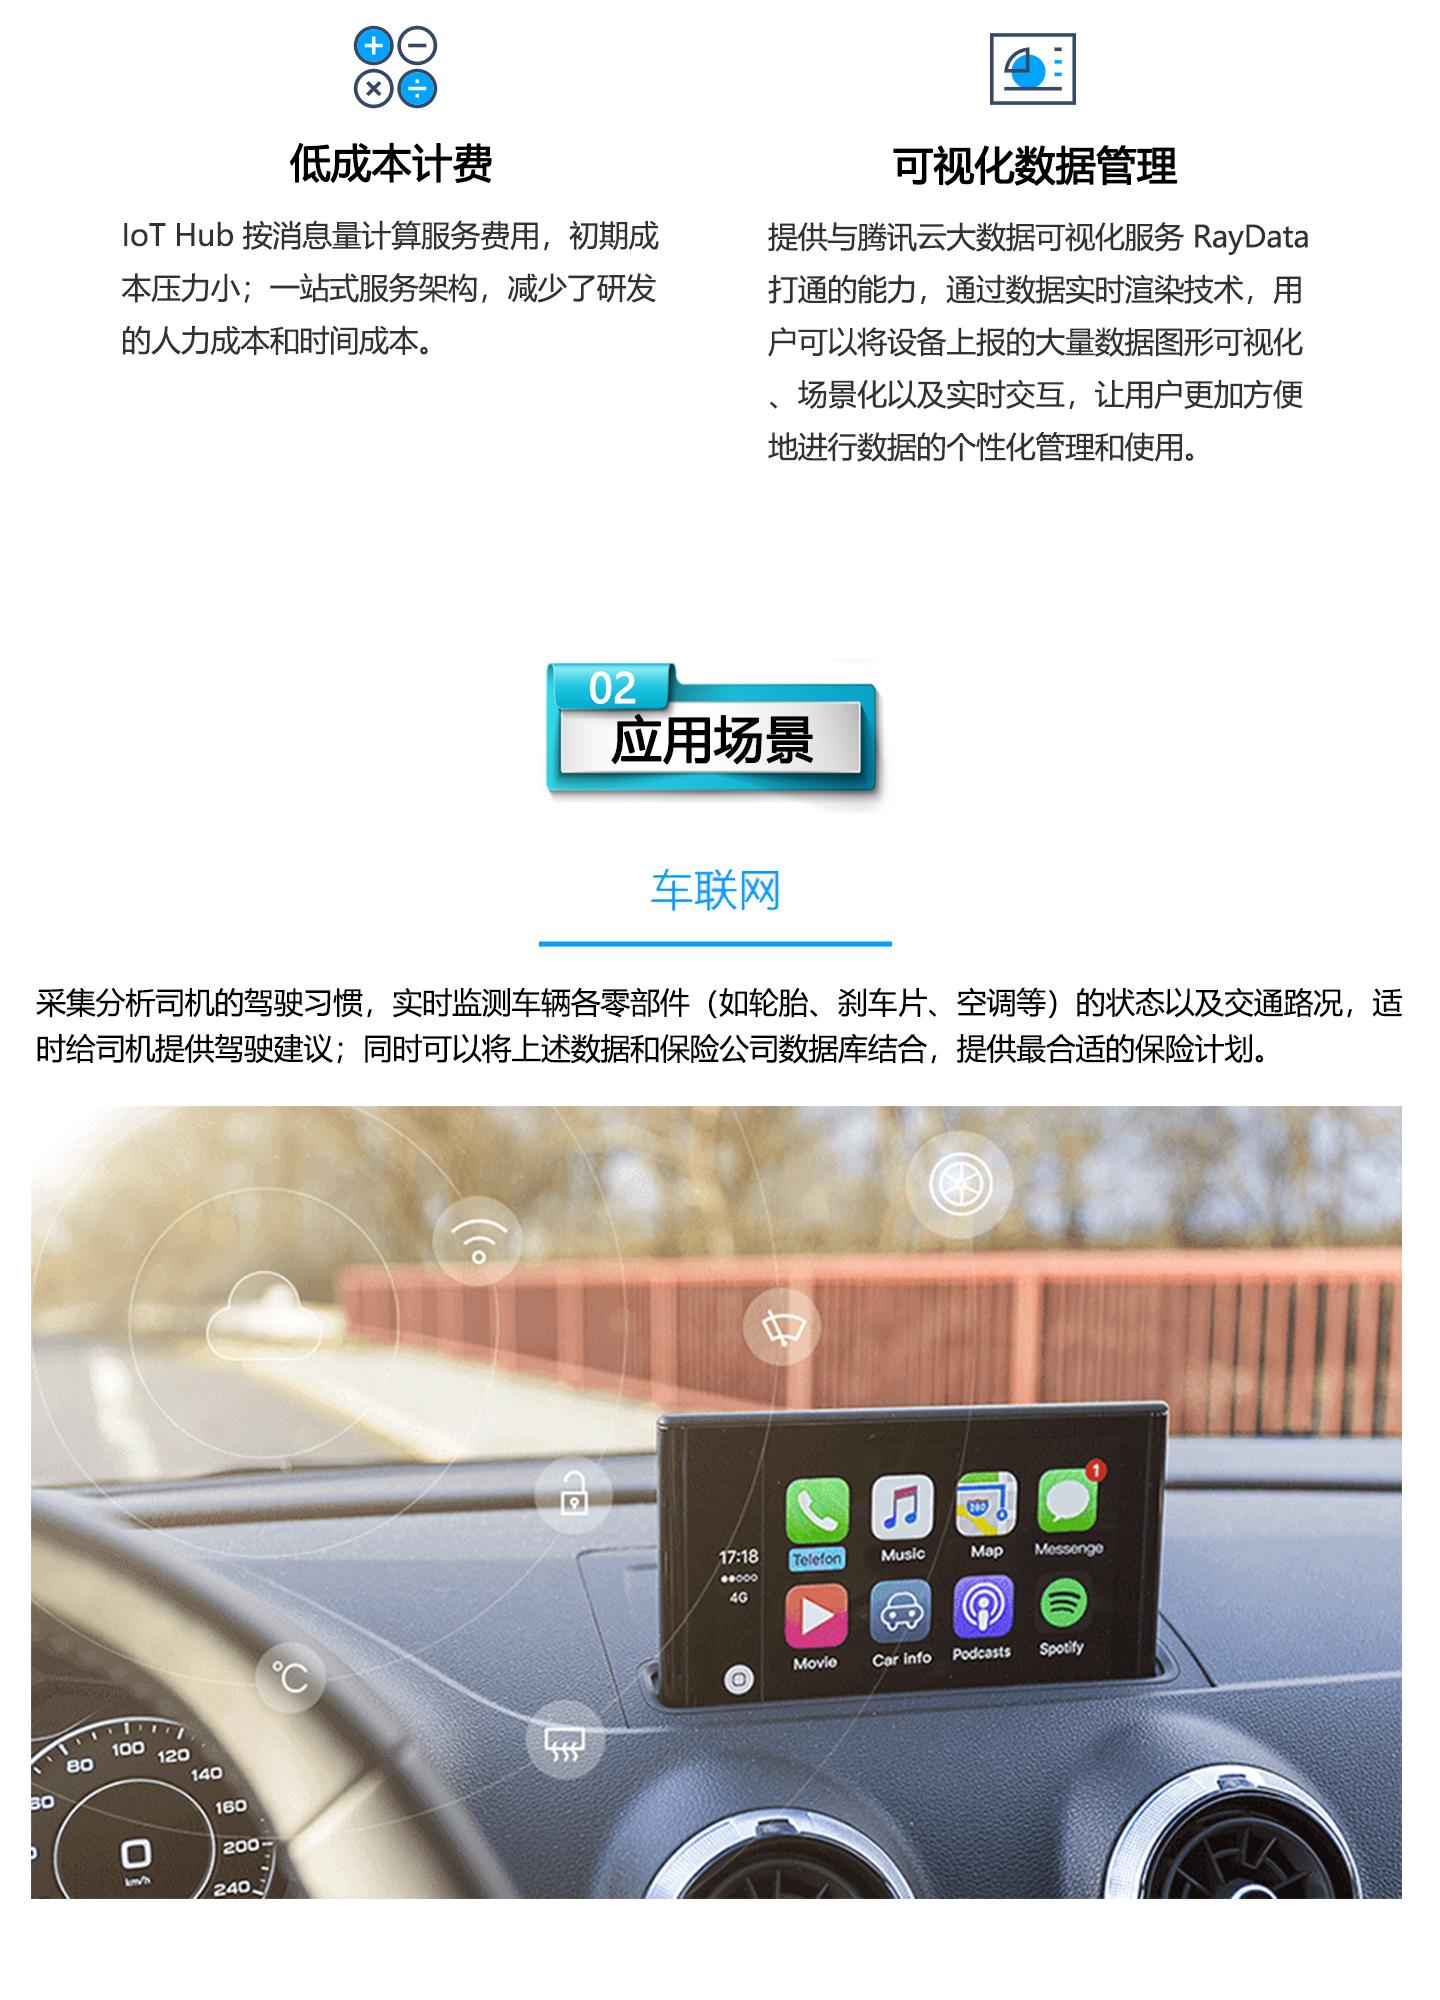 物联网通信-IoT-Hub-1440_02.jpg